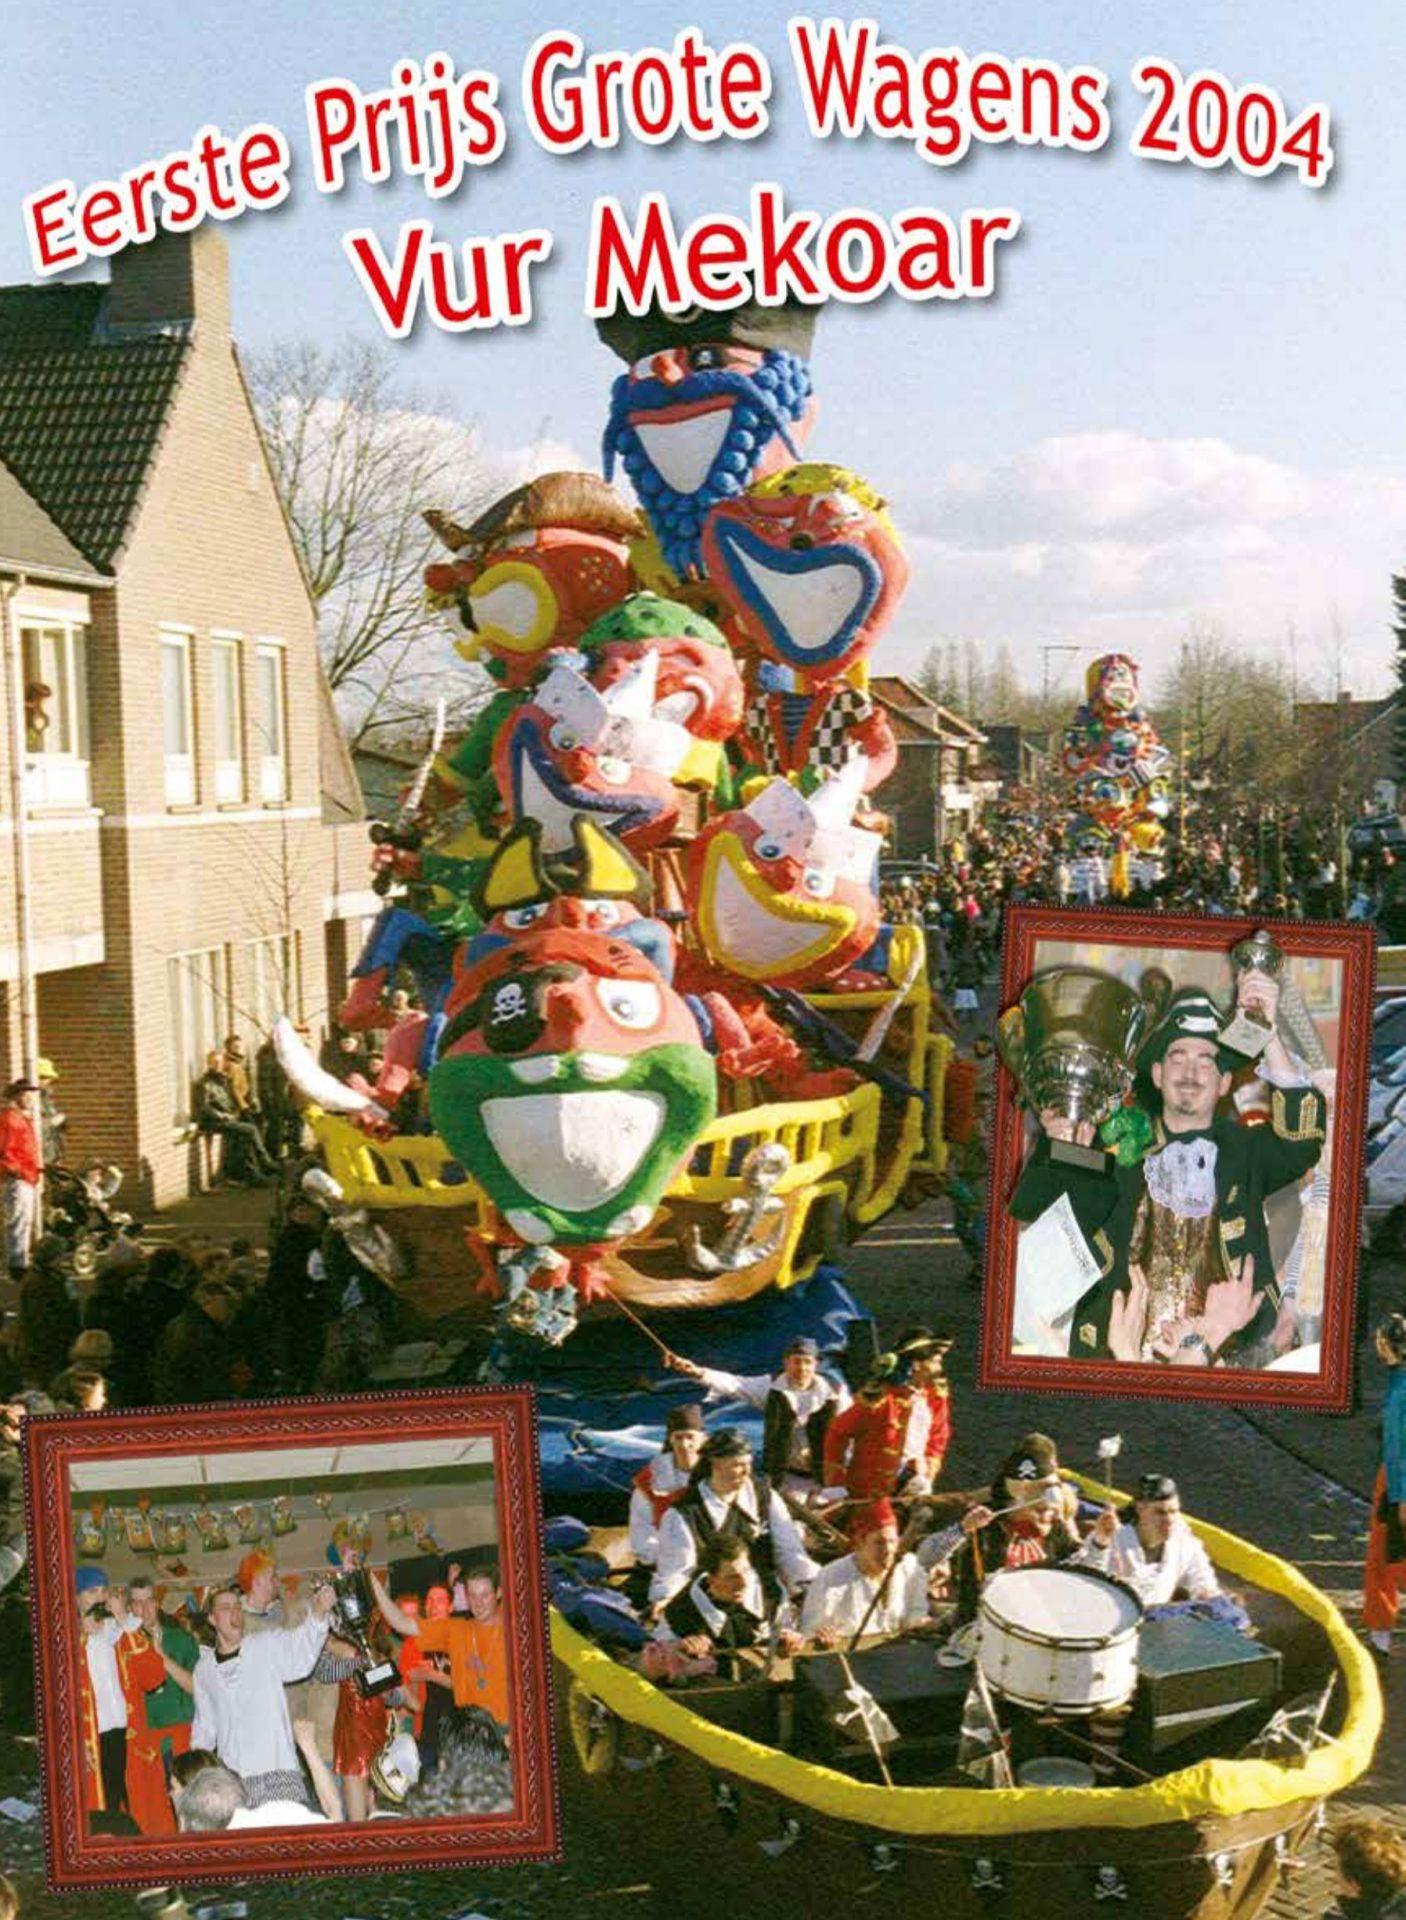 Stukje uit de carnavalskrant van Vur Mekoar - 2005